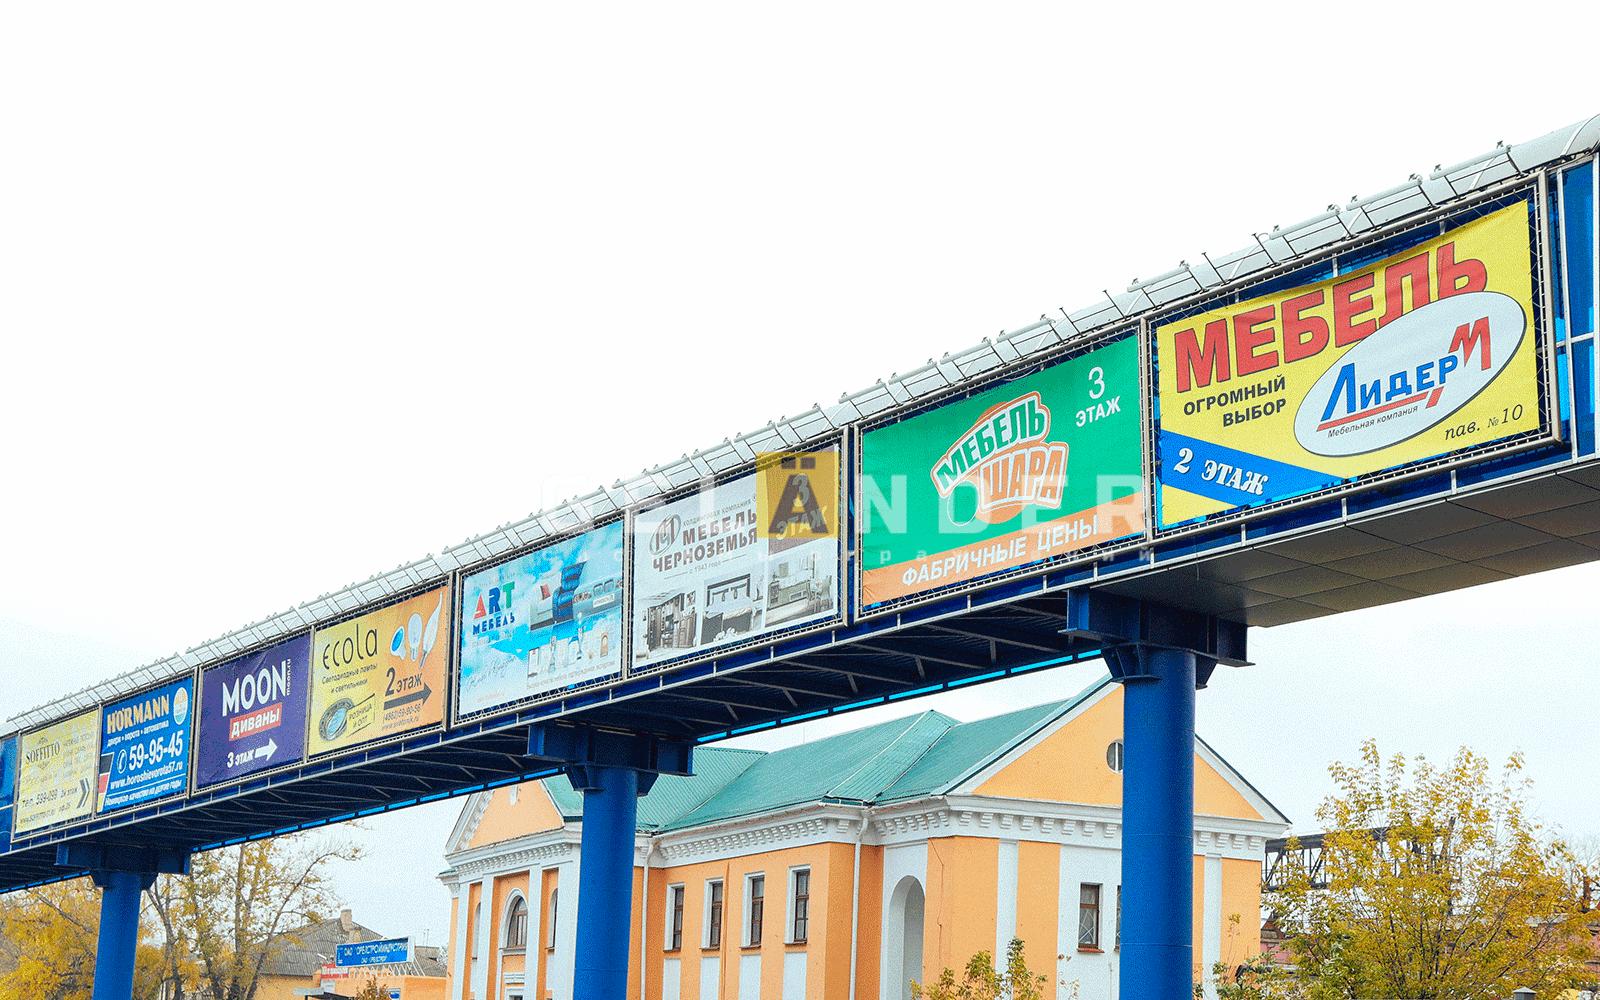 наружные рамки для рекламы, ТМК МегаГринн г.Орёл ограждений лестниц промсервис